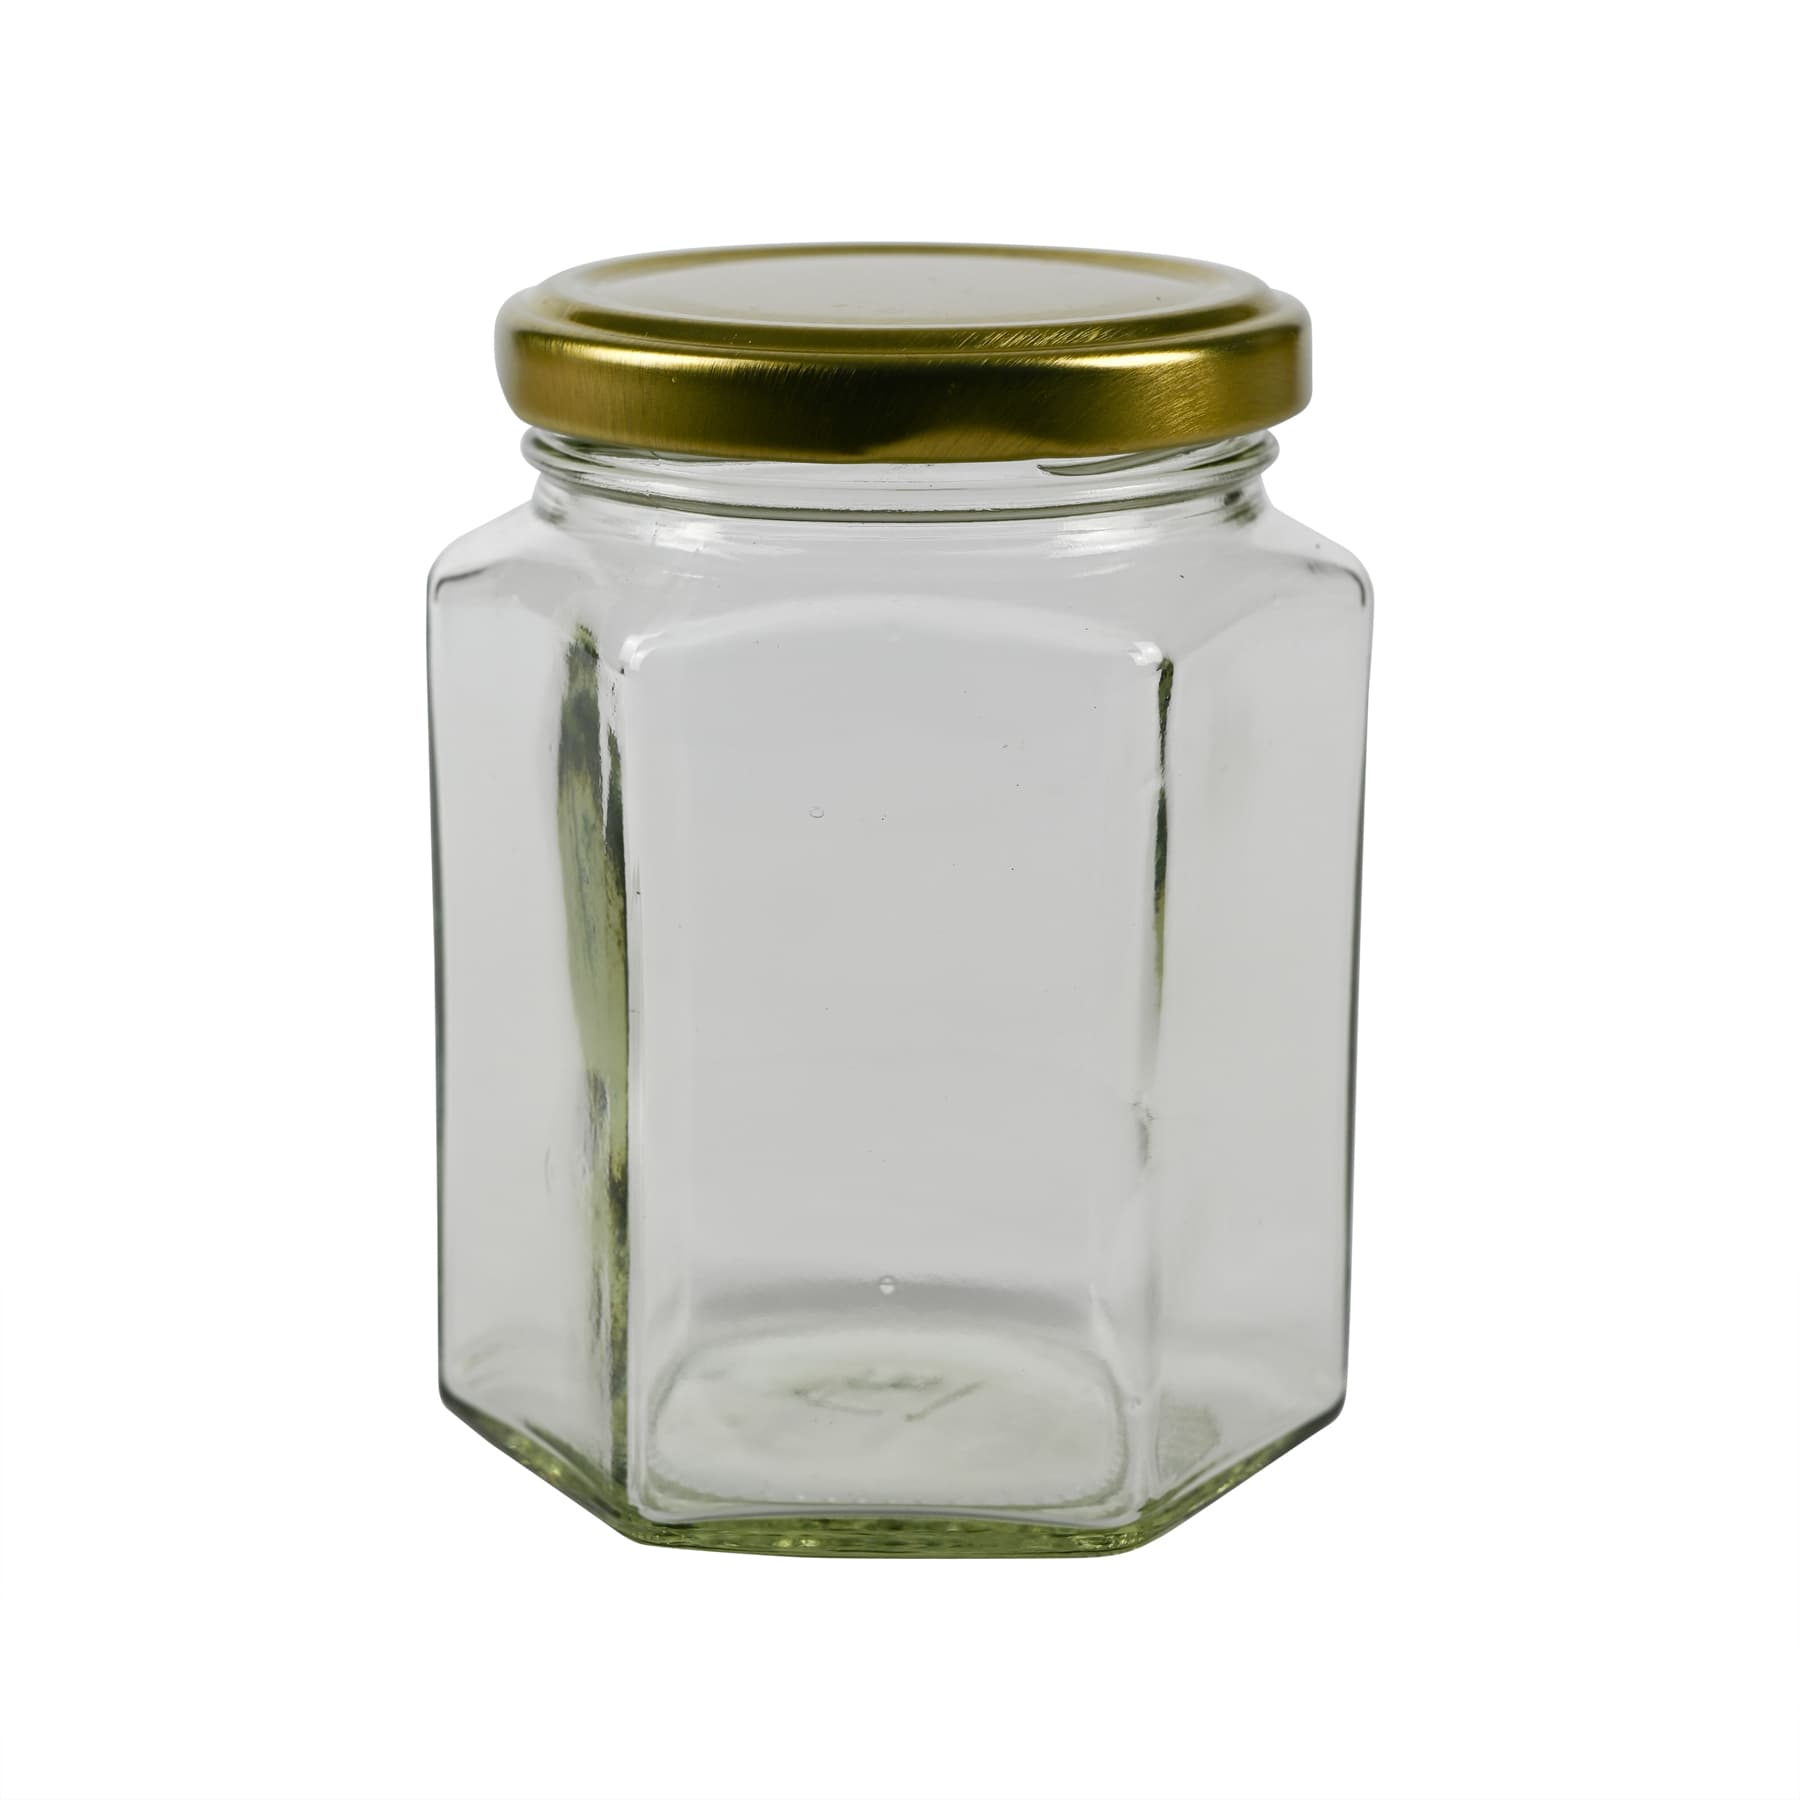 Sechseckglas 375 g (295 ml) mit TO Metalldeckel 63